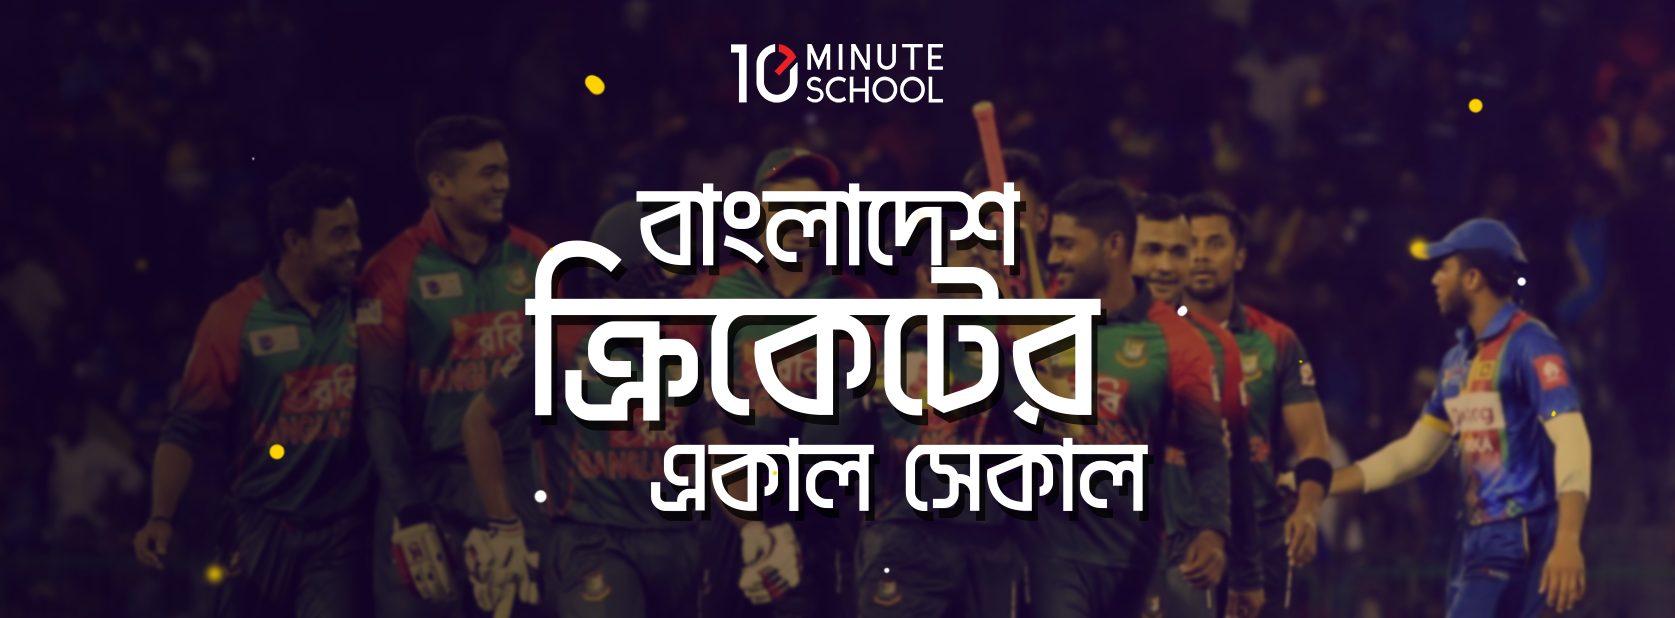 বাংলাদেশ ক্রিকেটের একাল সেকাল